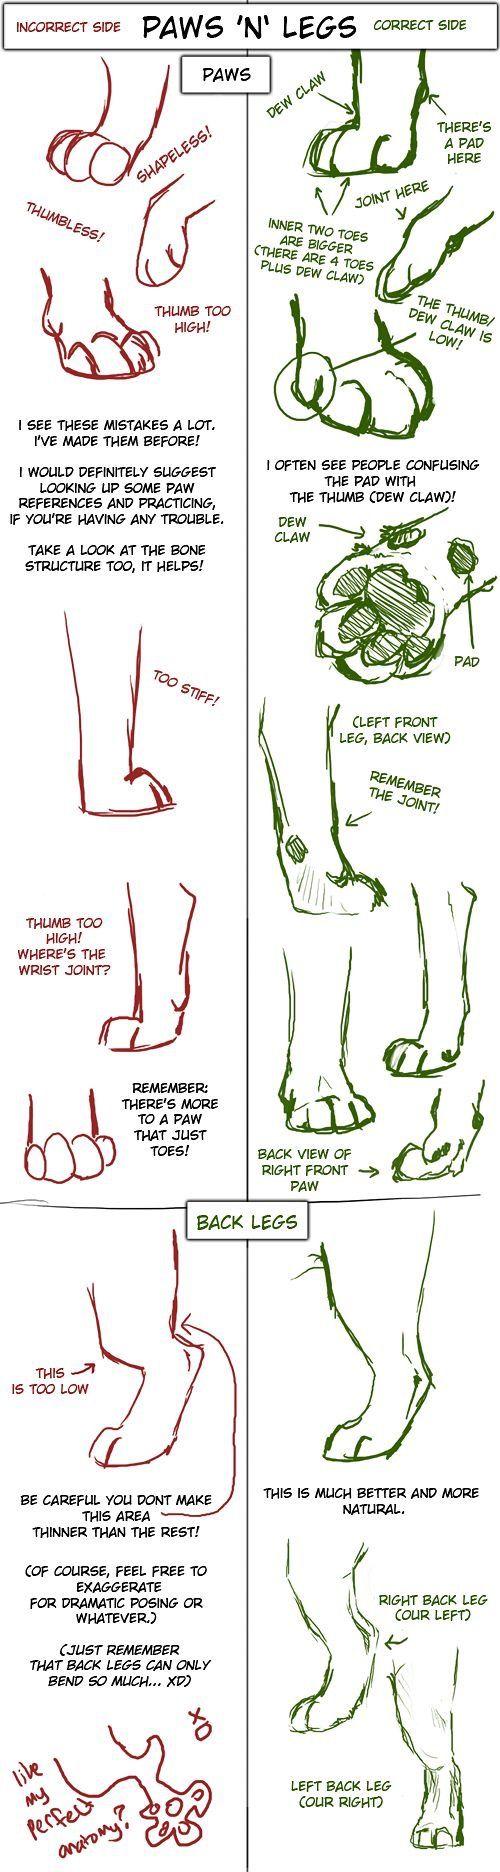 Paws 'n' legs. :3